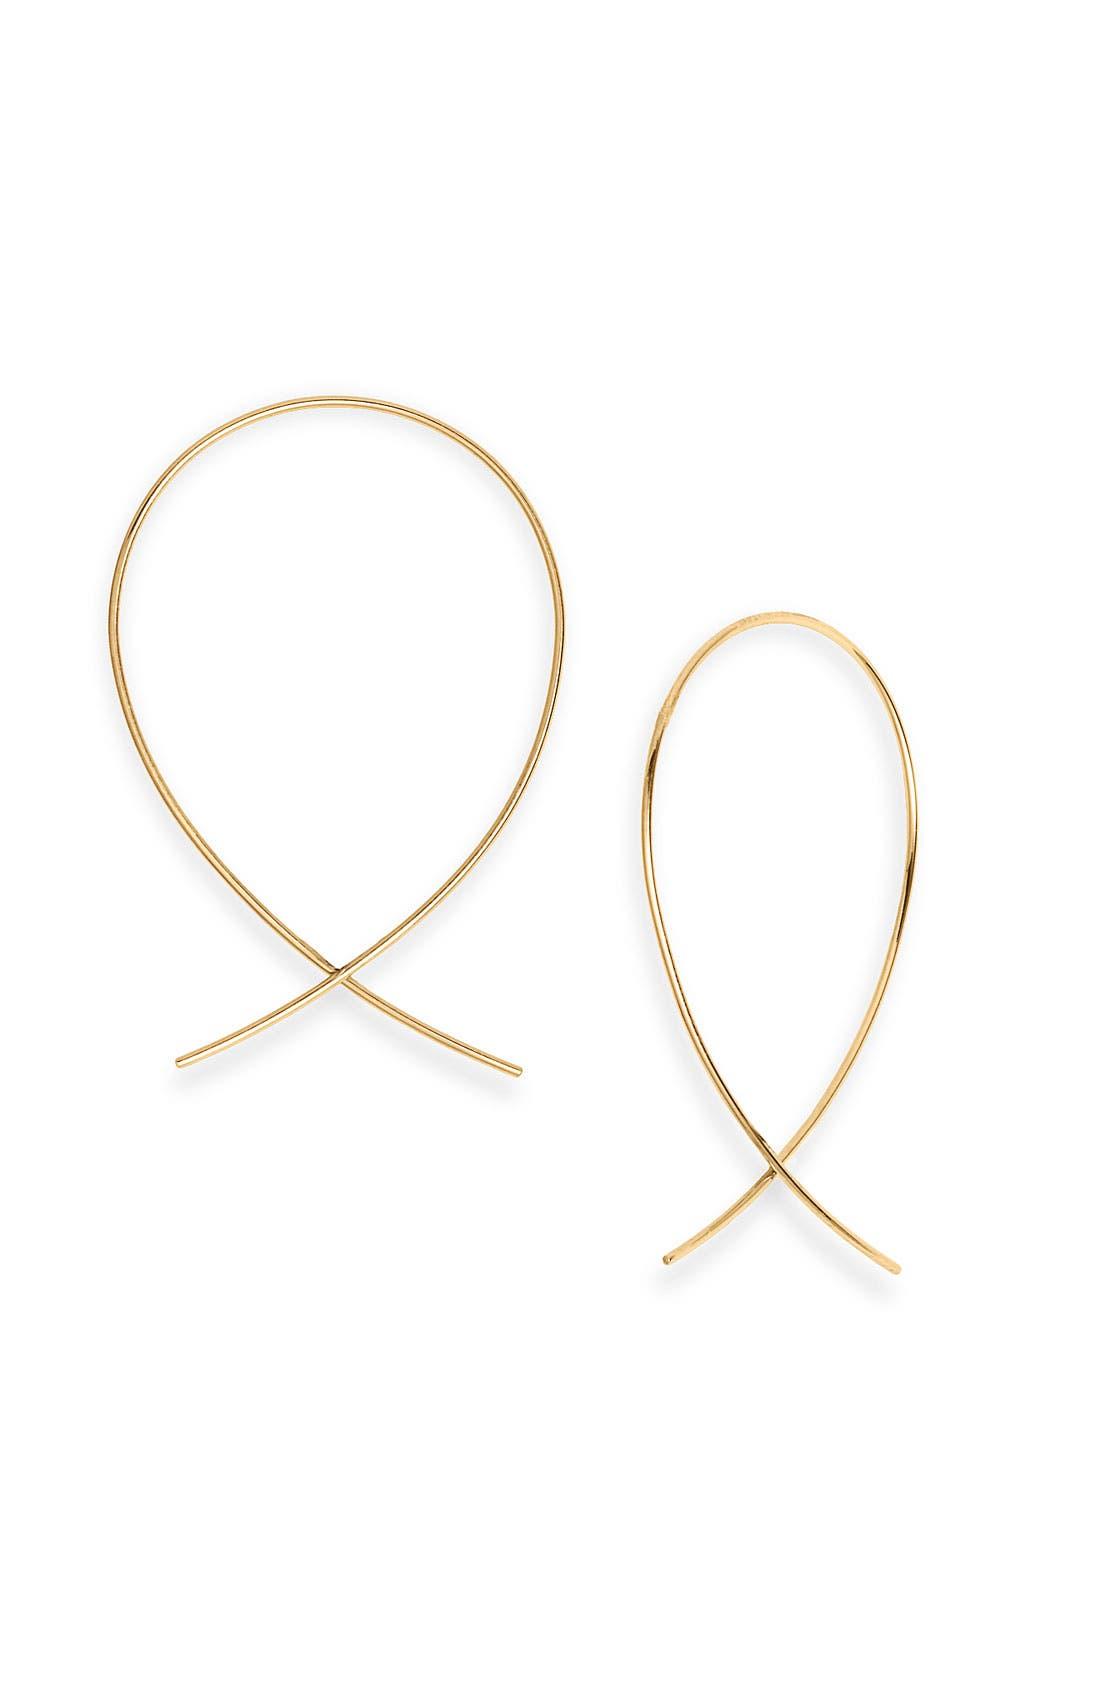 Alternate Image 1 Selected - Lana Jewelry 'Upside Down' Small Hoop Earrings